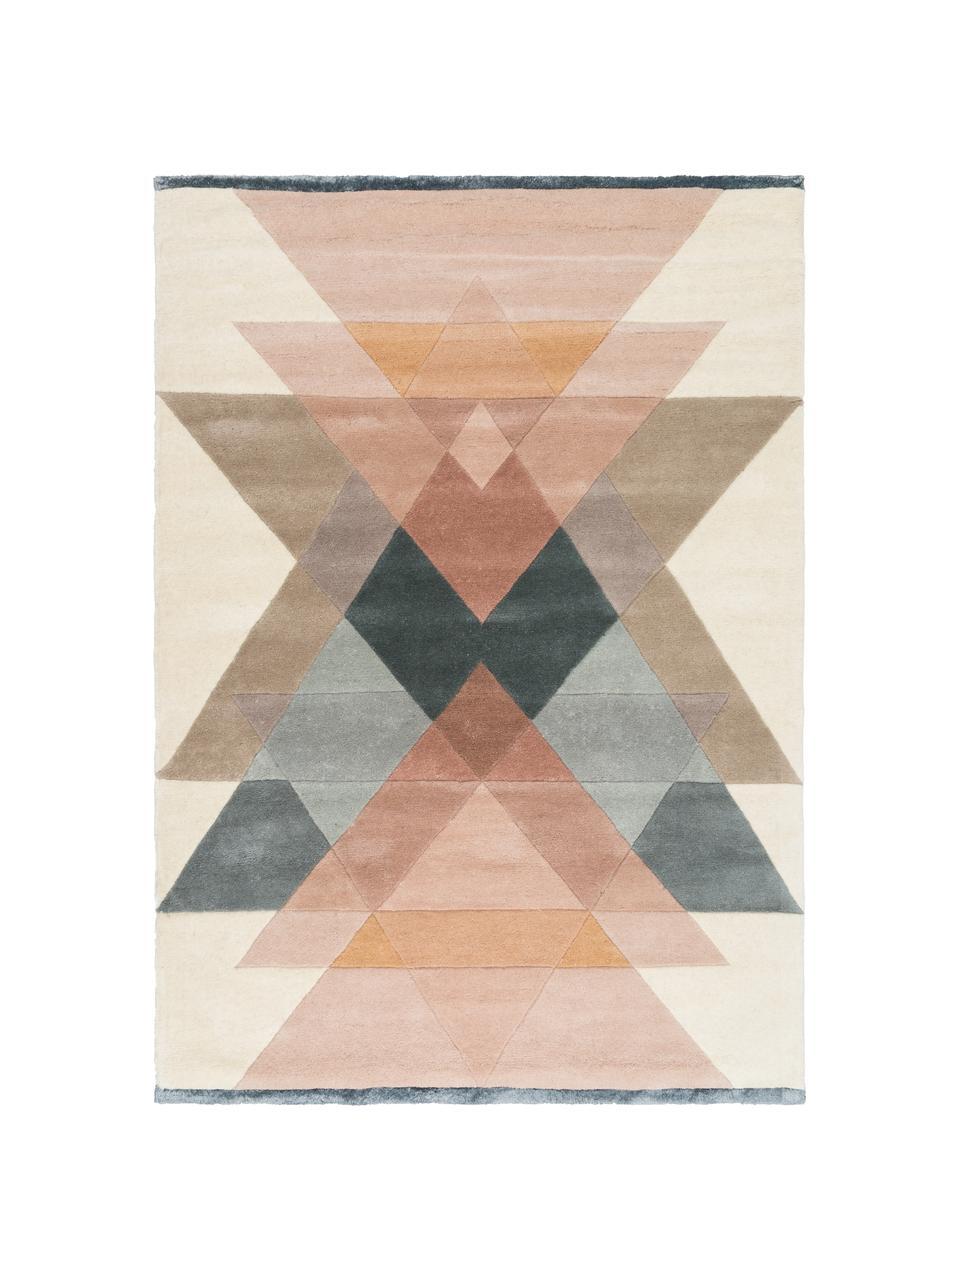 Handgetuft design vloerkleed Freya van wol, Bovenzijde: 95% wol, 5% viscose, Onderzijde: 100% katoen Bij wollen vl, Beigetinten, roze, blauwgrijs, B 140 x L 200 cm (maat S)